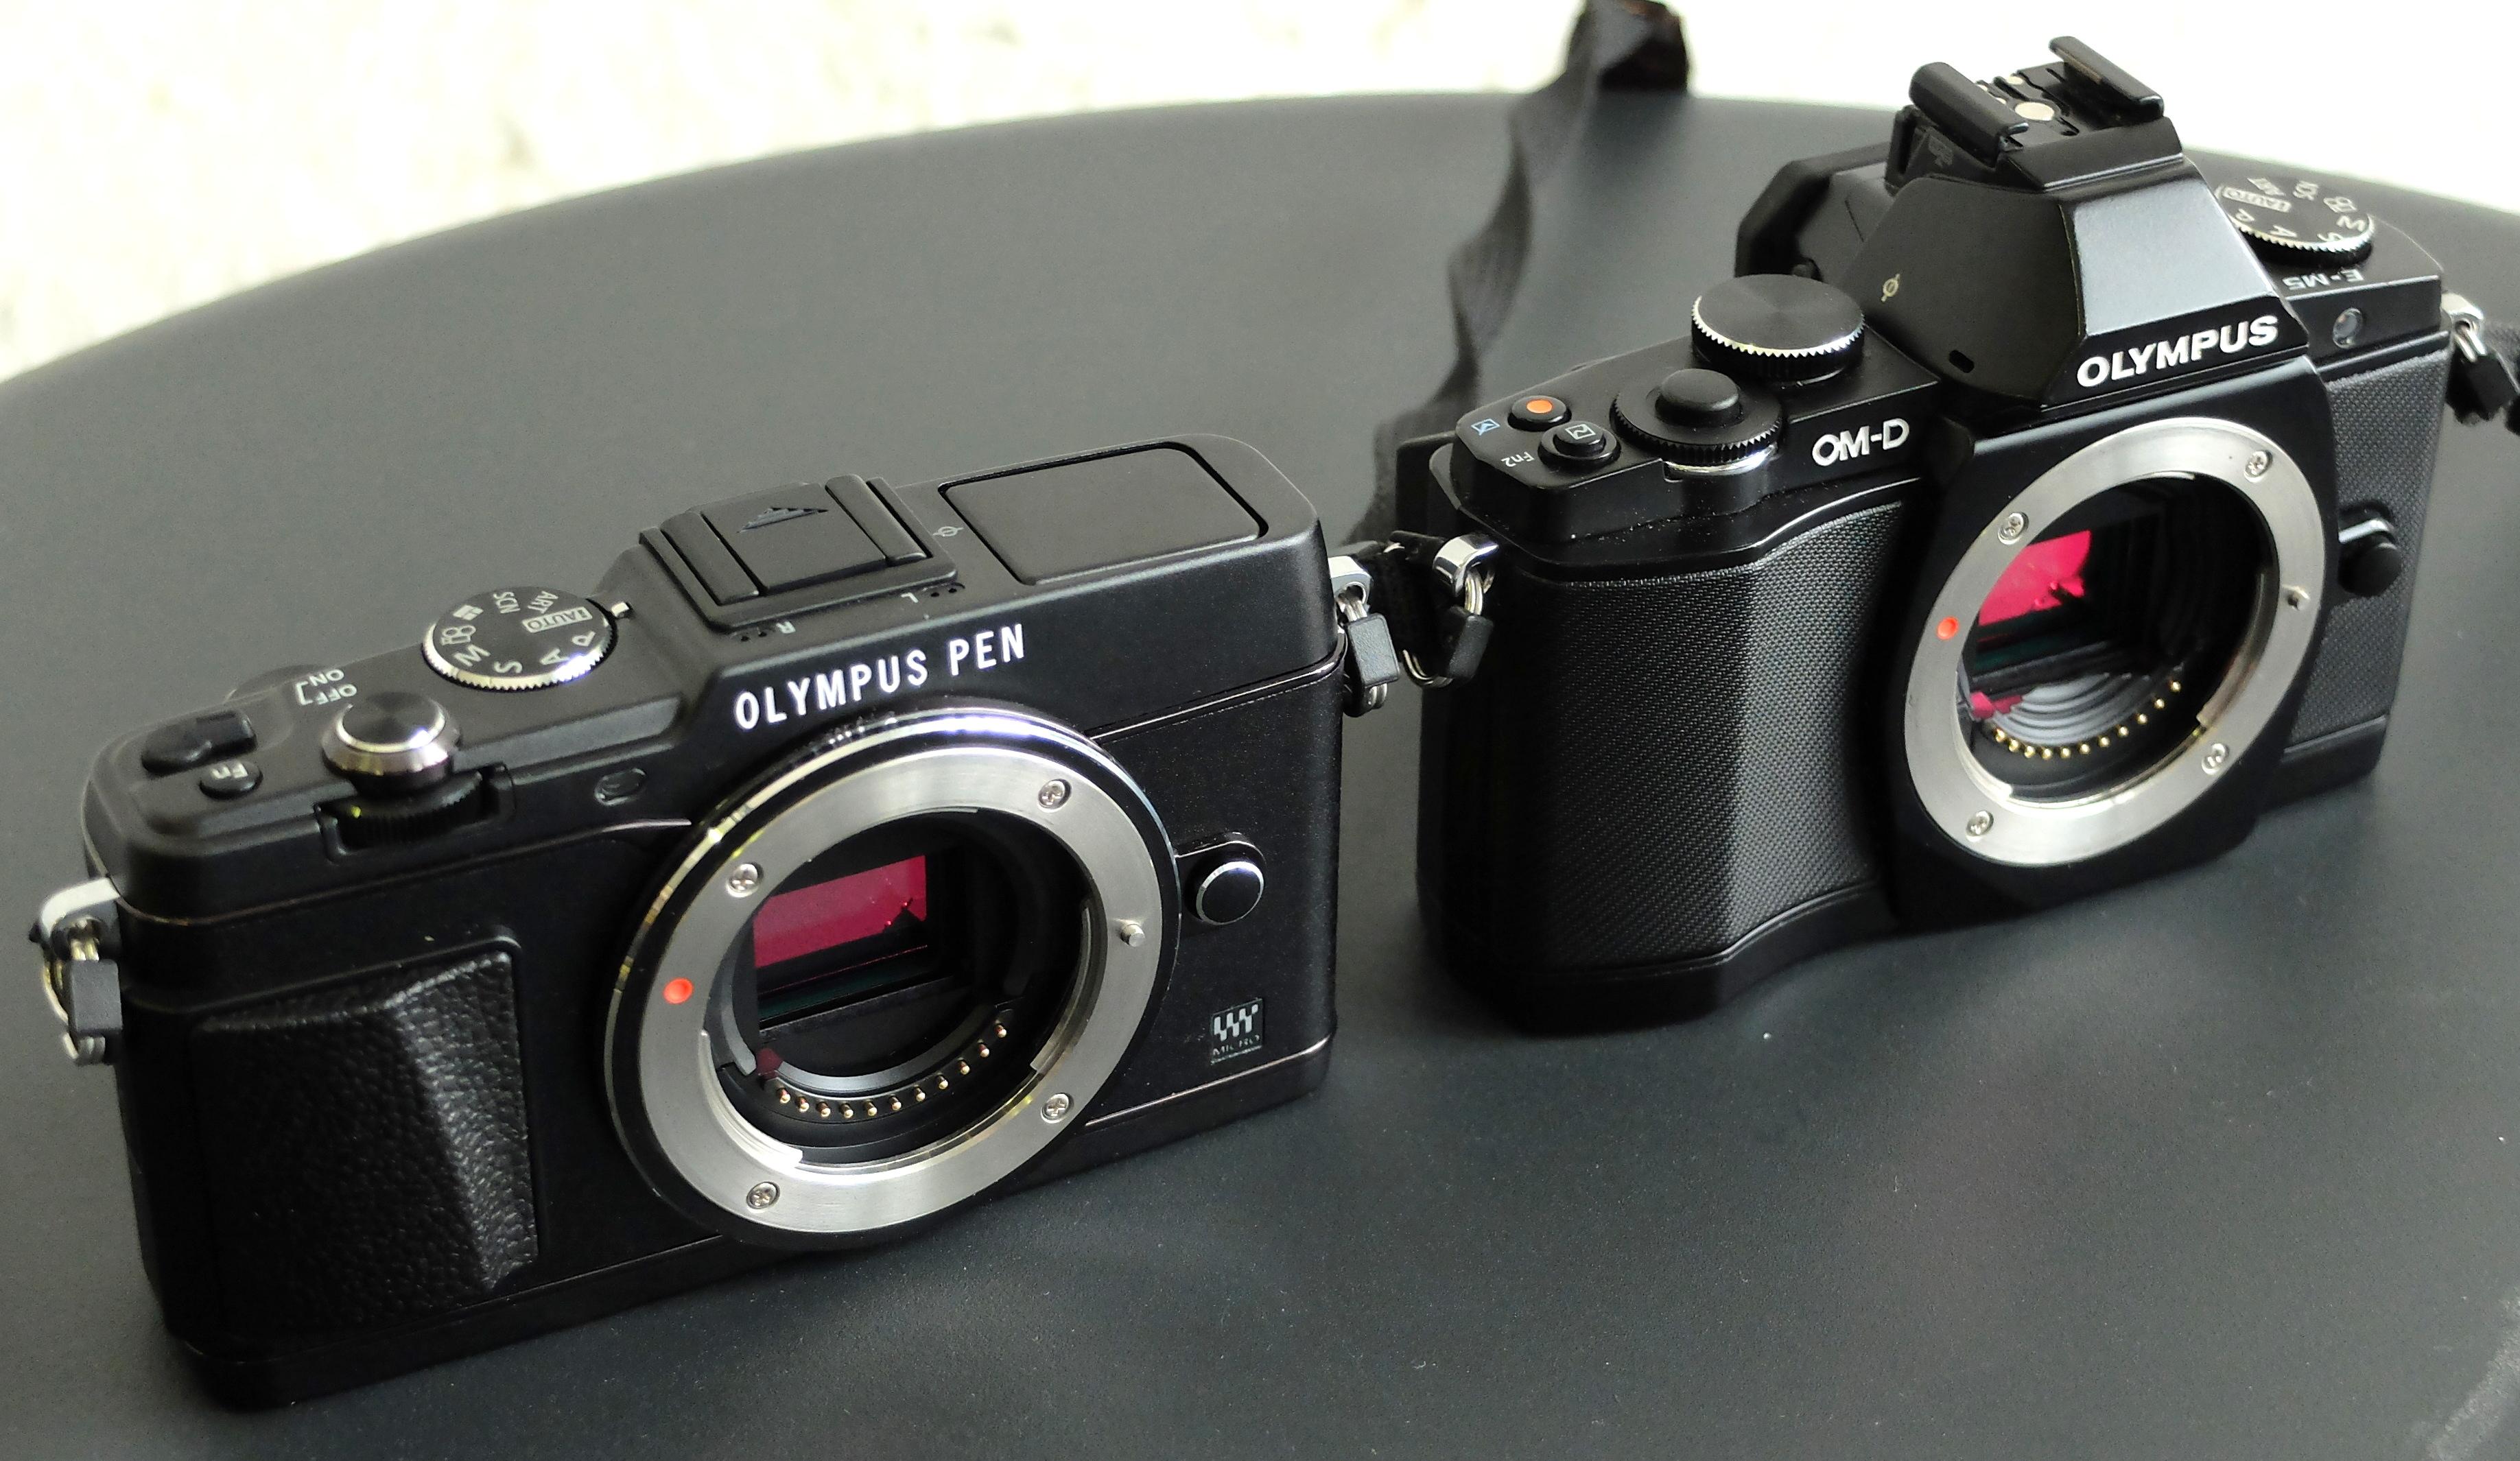 Olympus PEN E-P5 Vs Olympus OM-D E-M5 Comparison